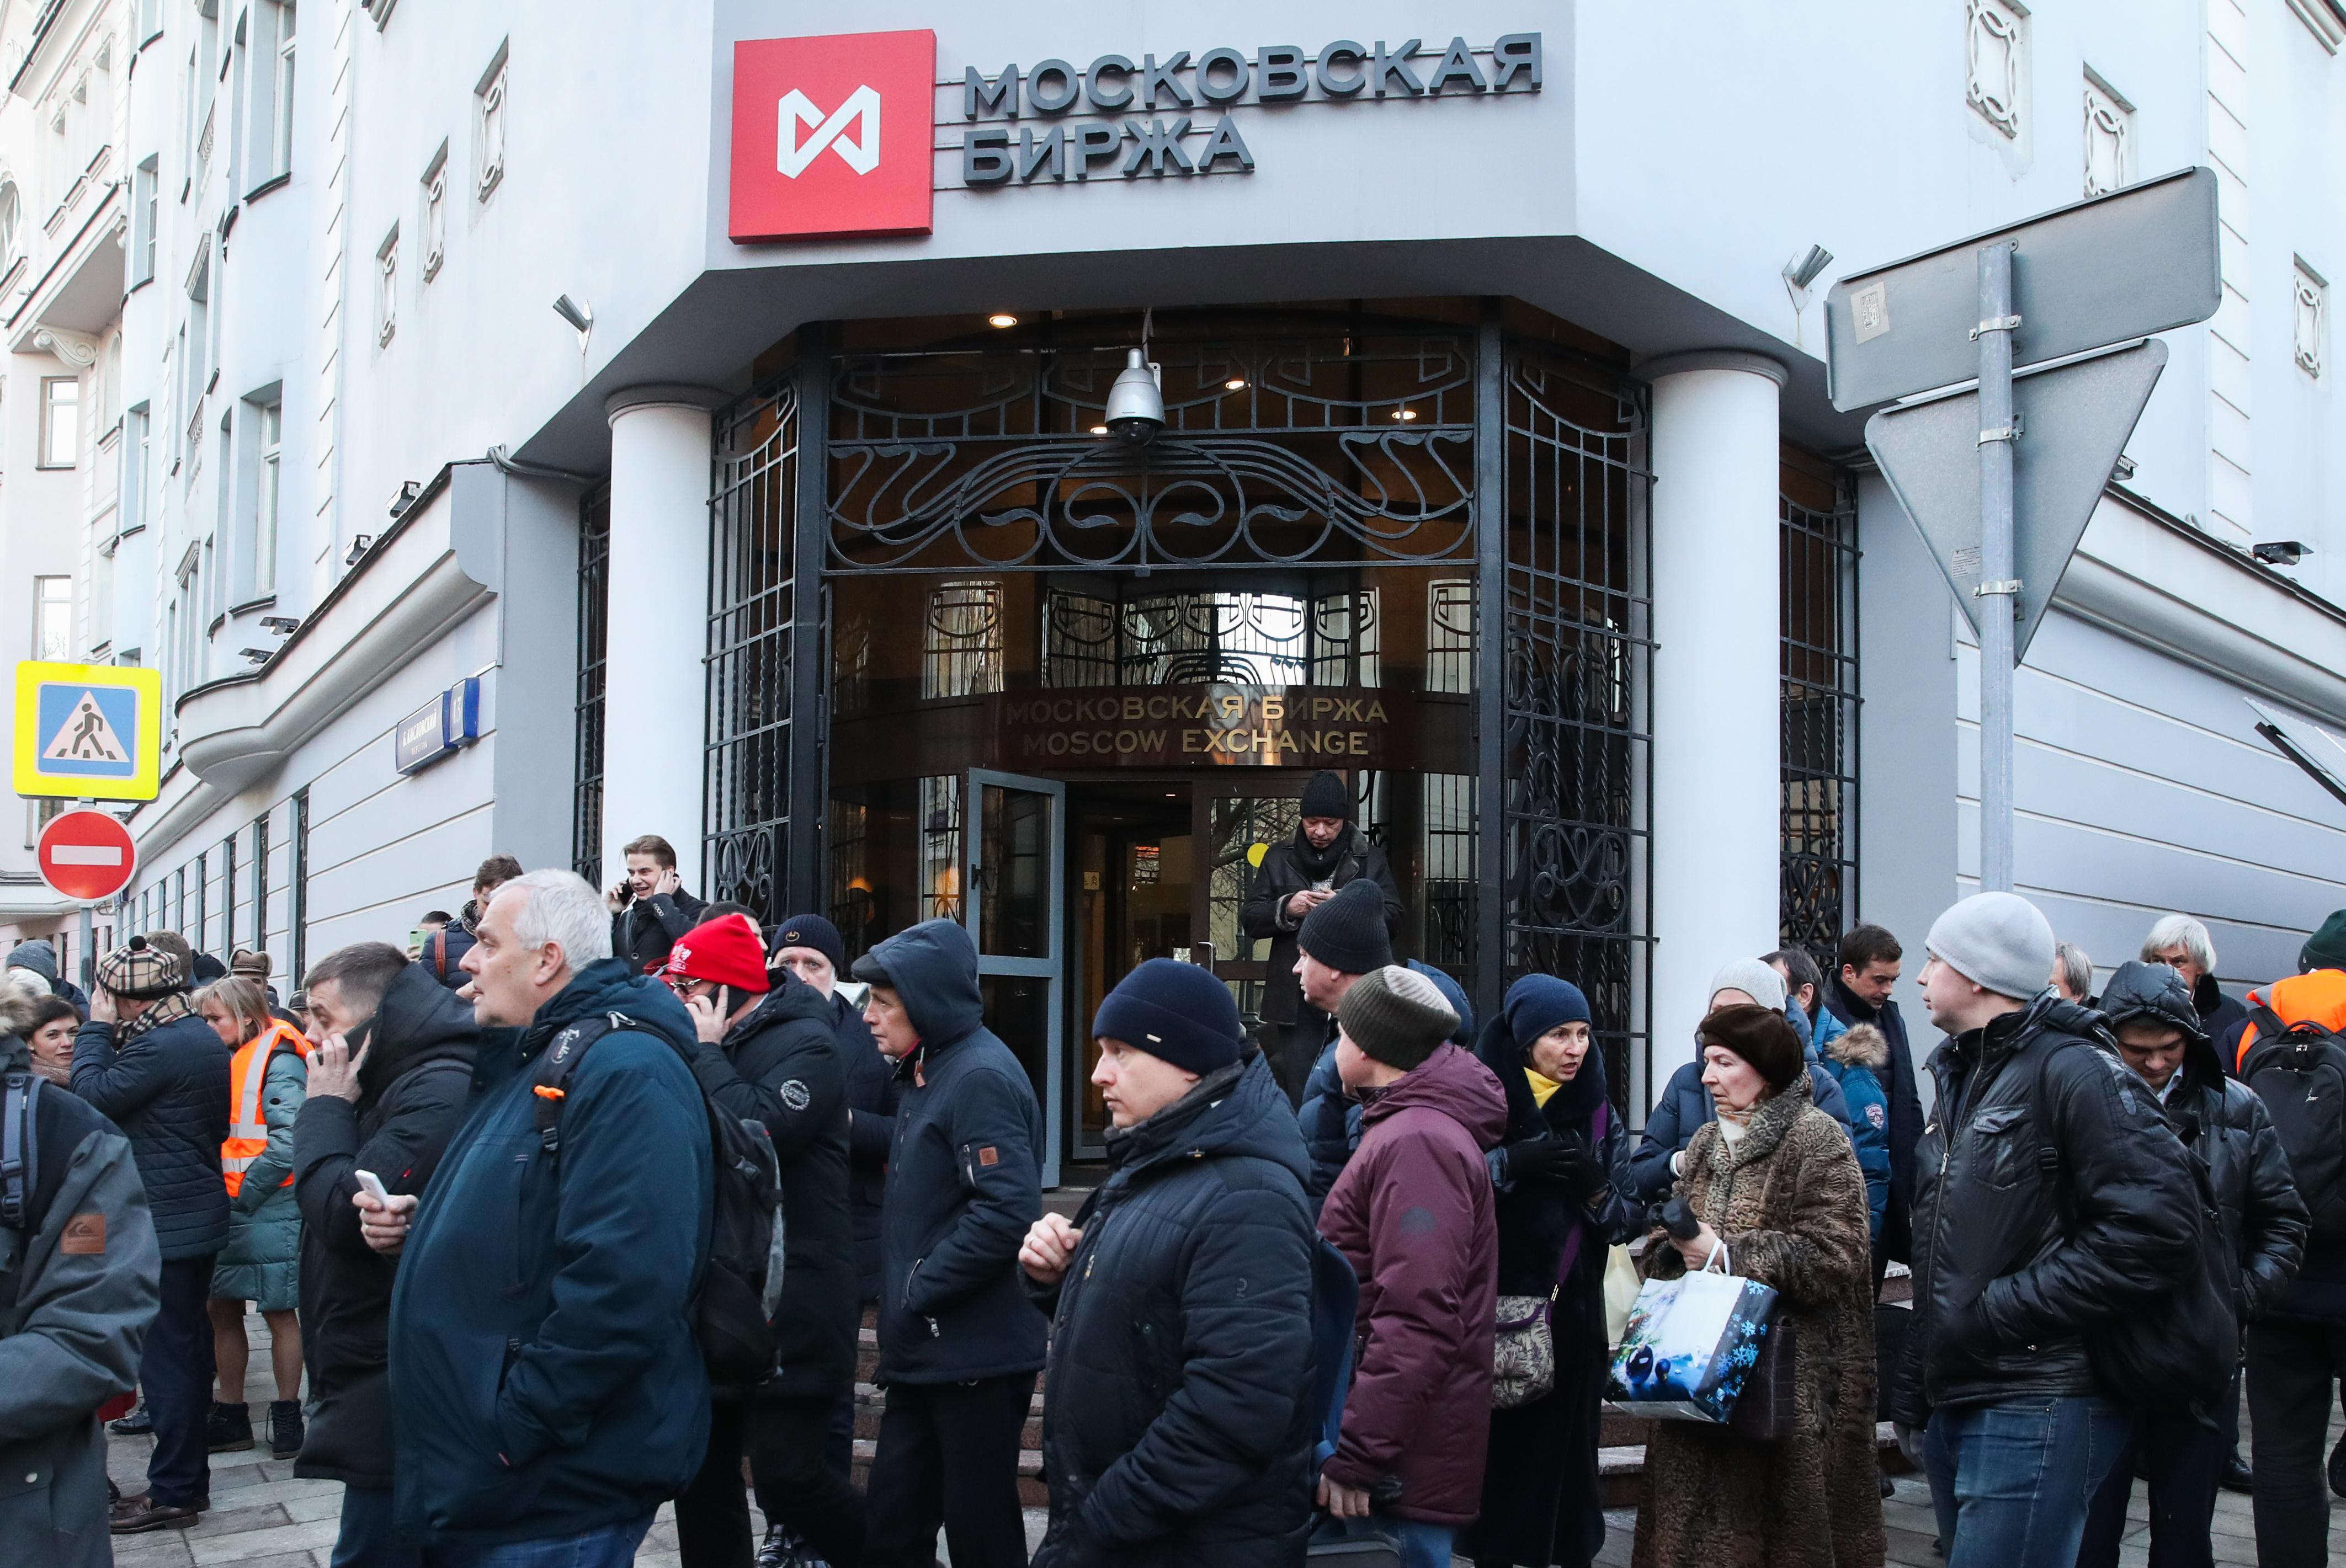 В 2020 г. на Московскую биржу пришло почти 5 миллионов физических лиц